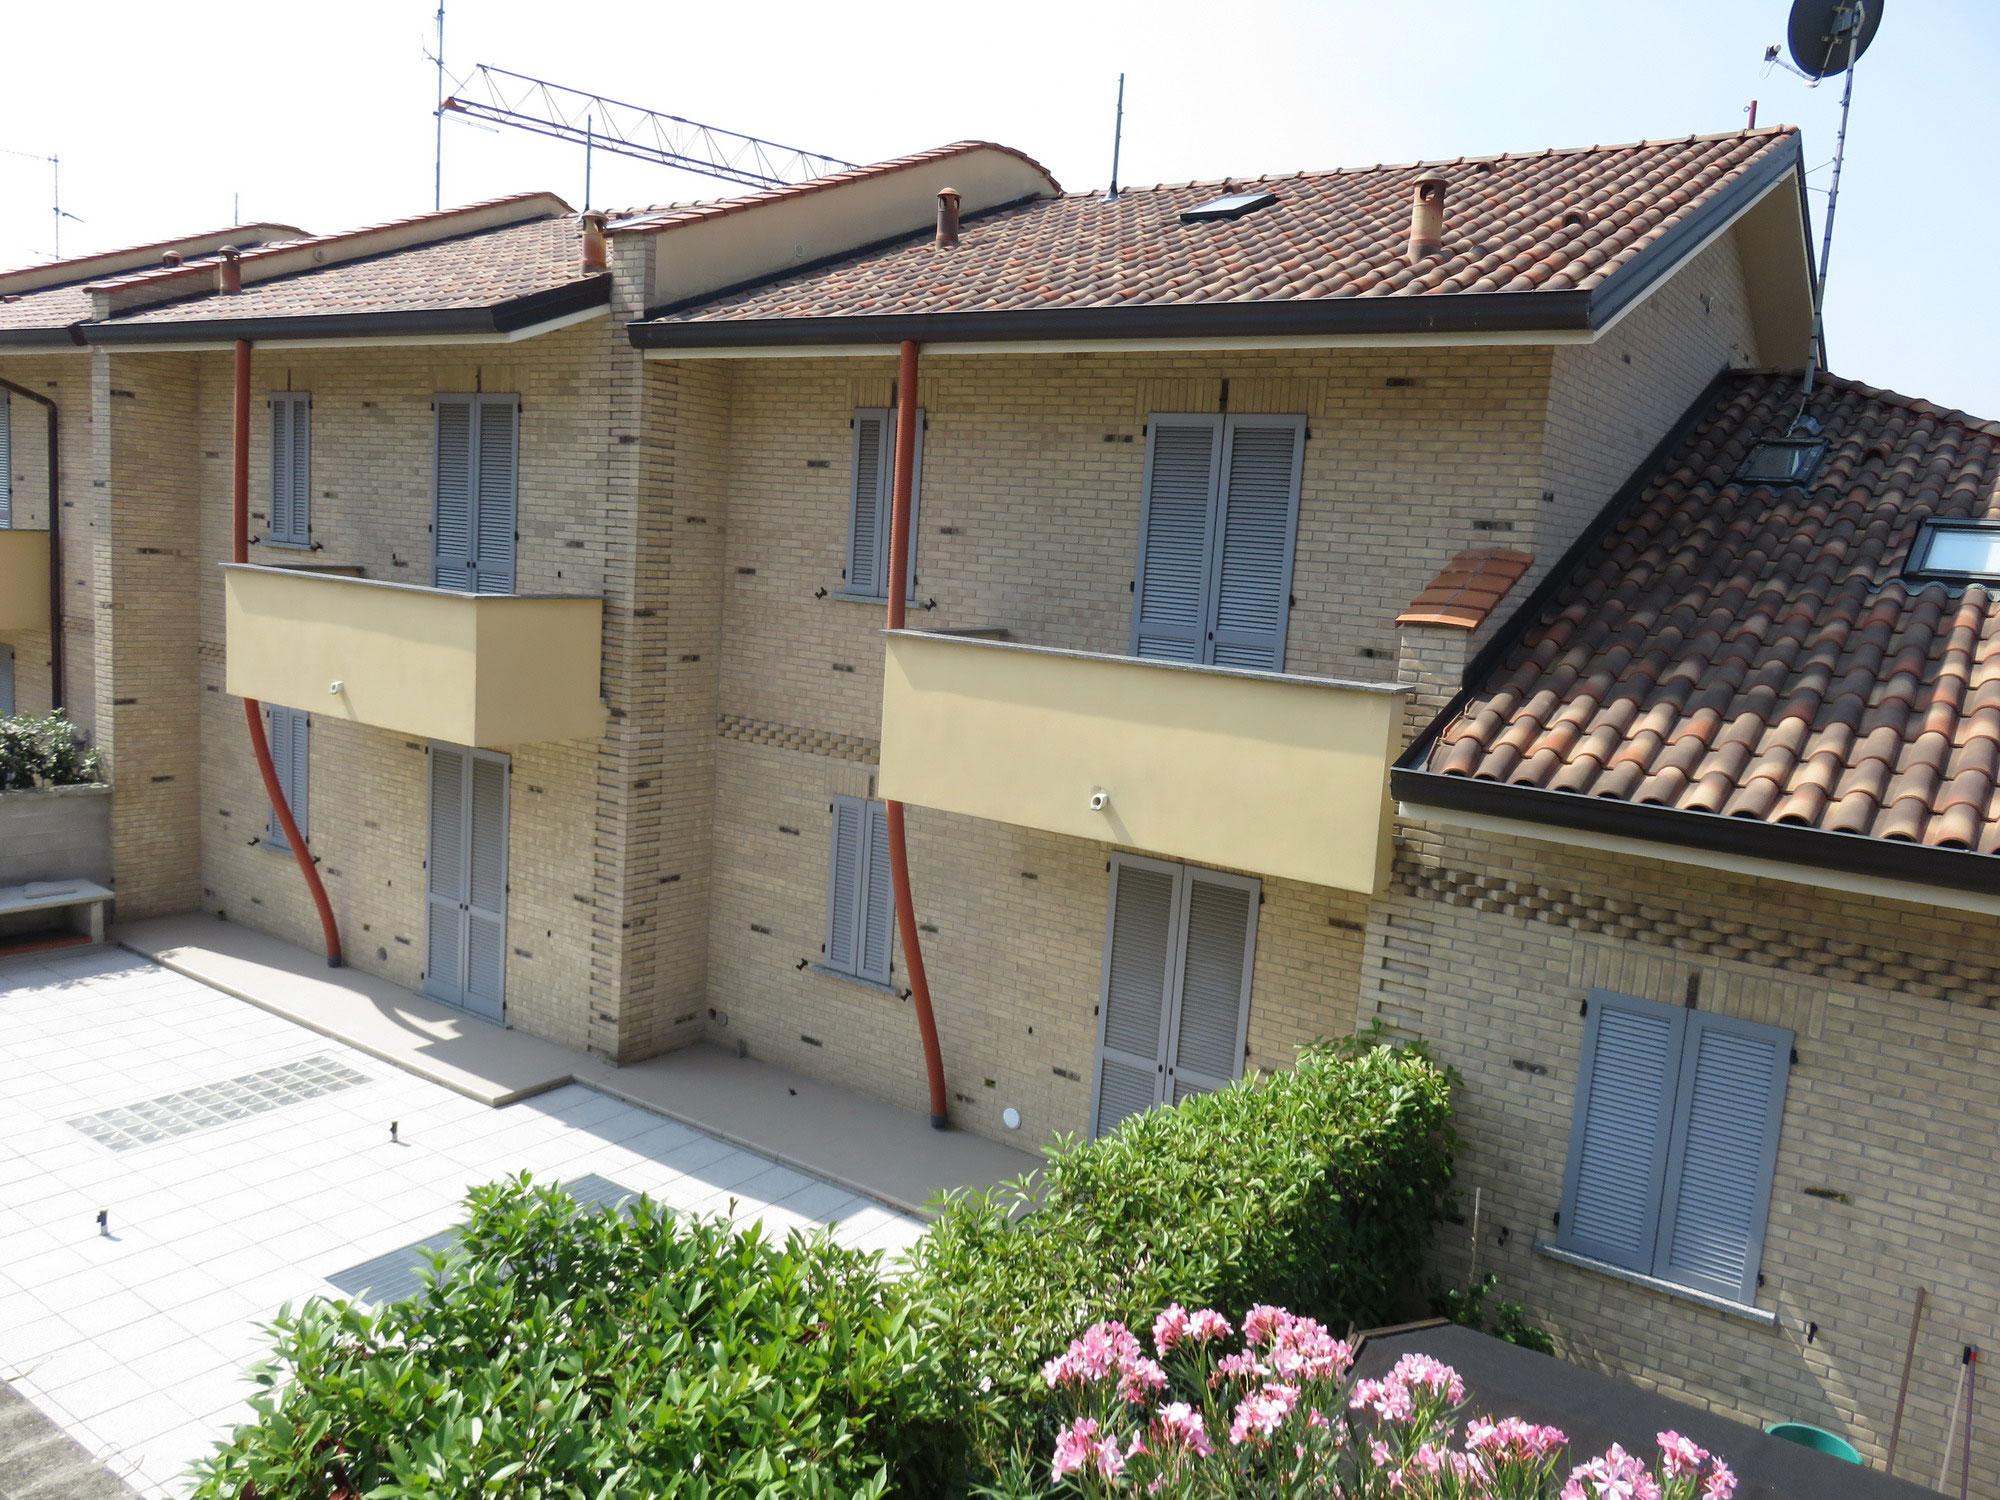 Villetta a schiera a2 - Progetti giardino per villette ...